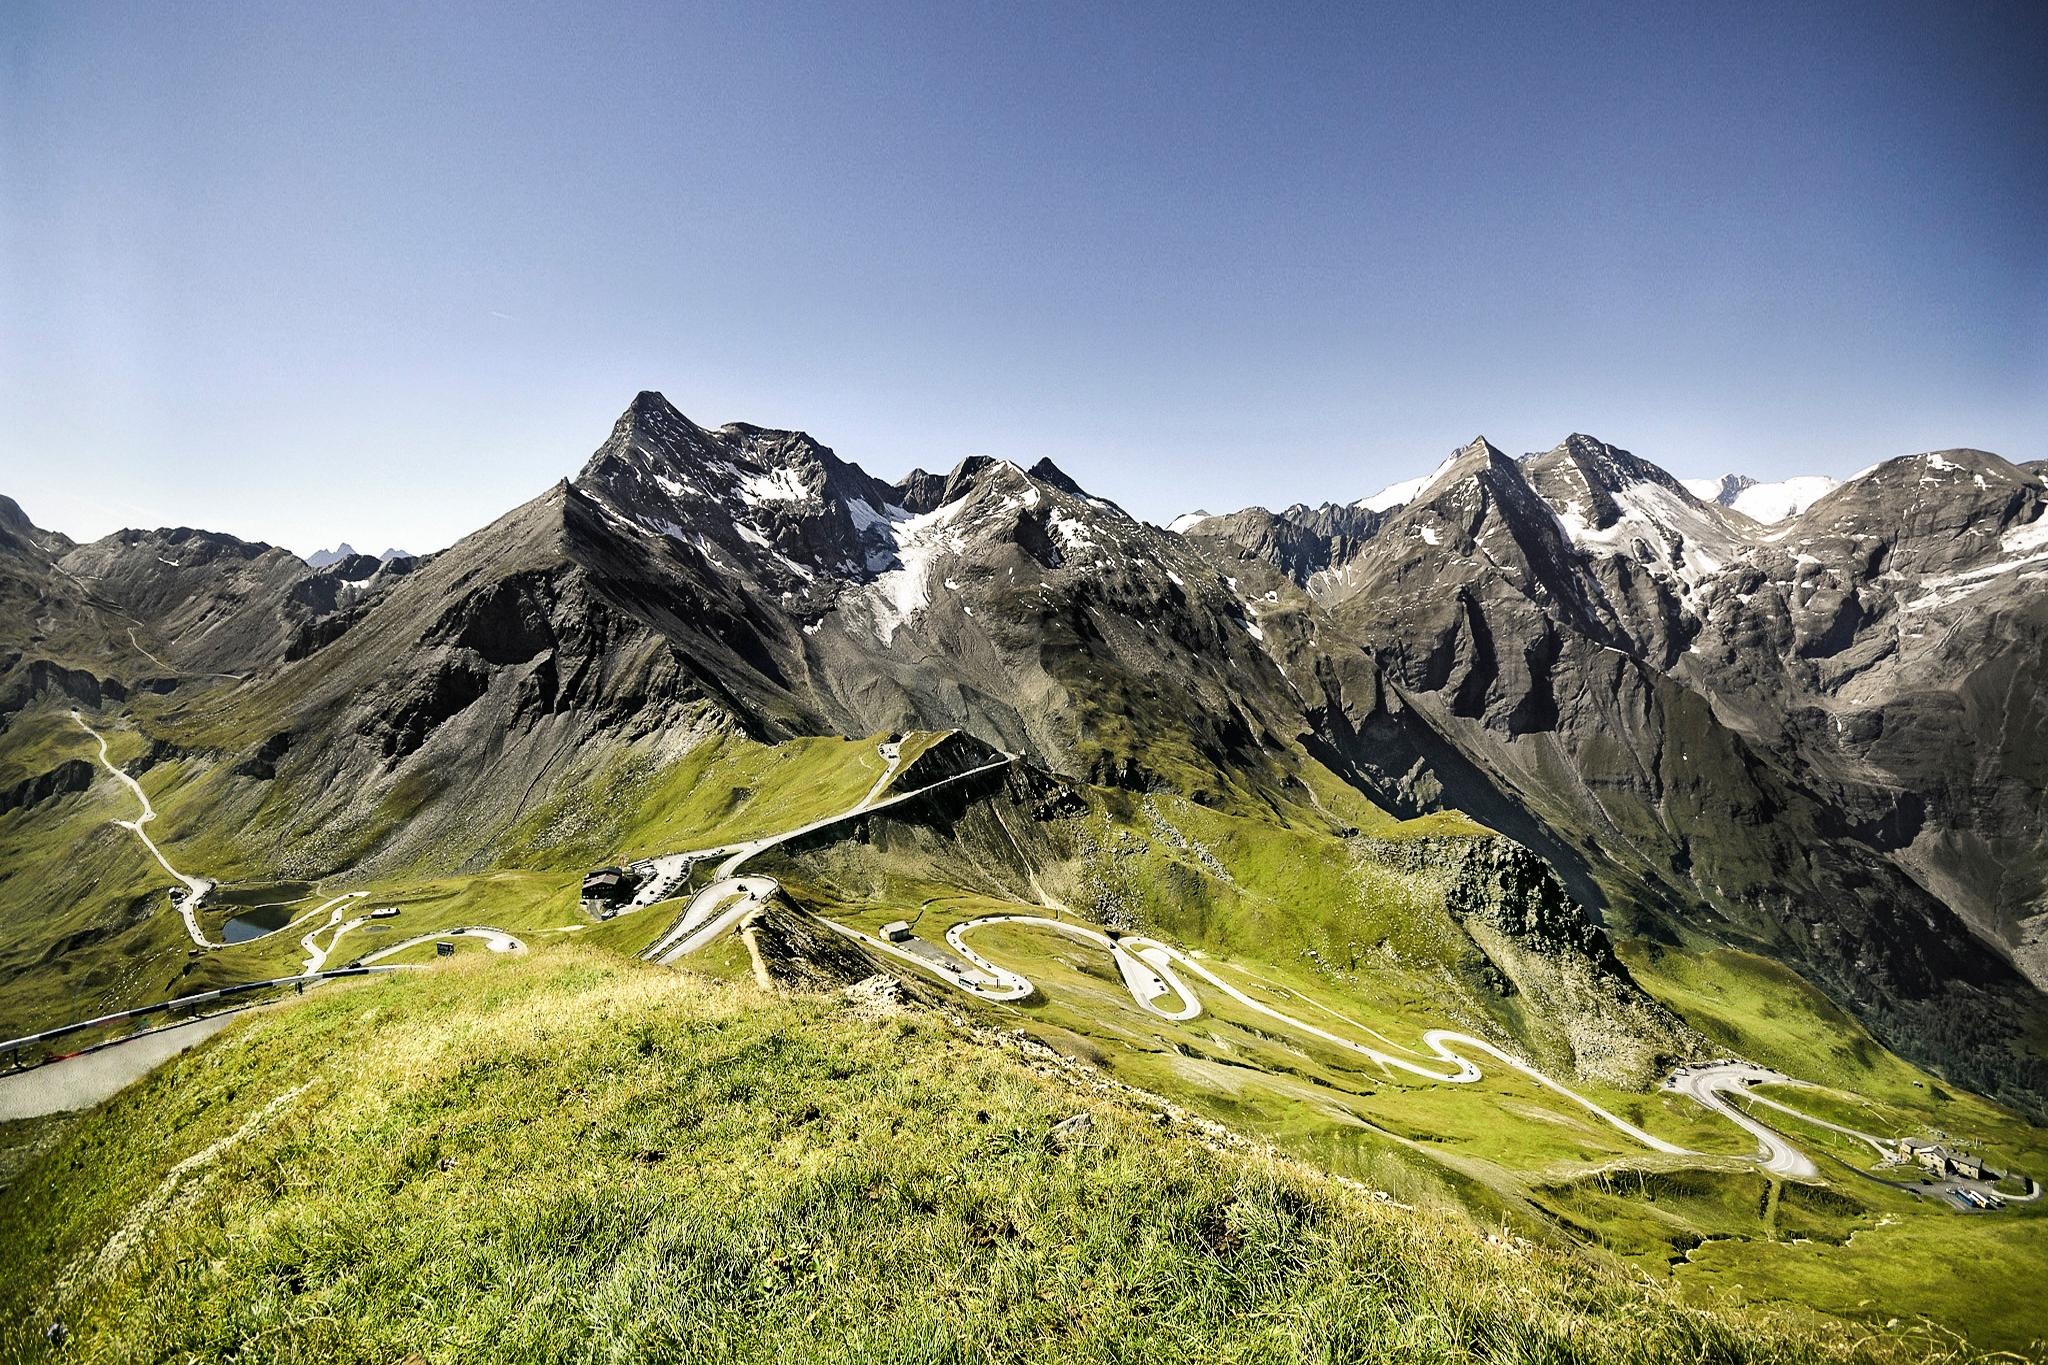 Grossglockner-Hochalpenstrasse-5-Blick-von-der-Edelweiss-spitze